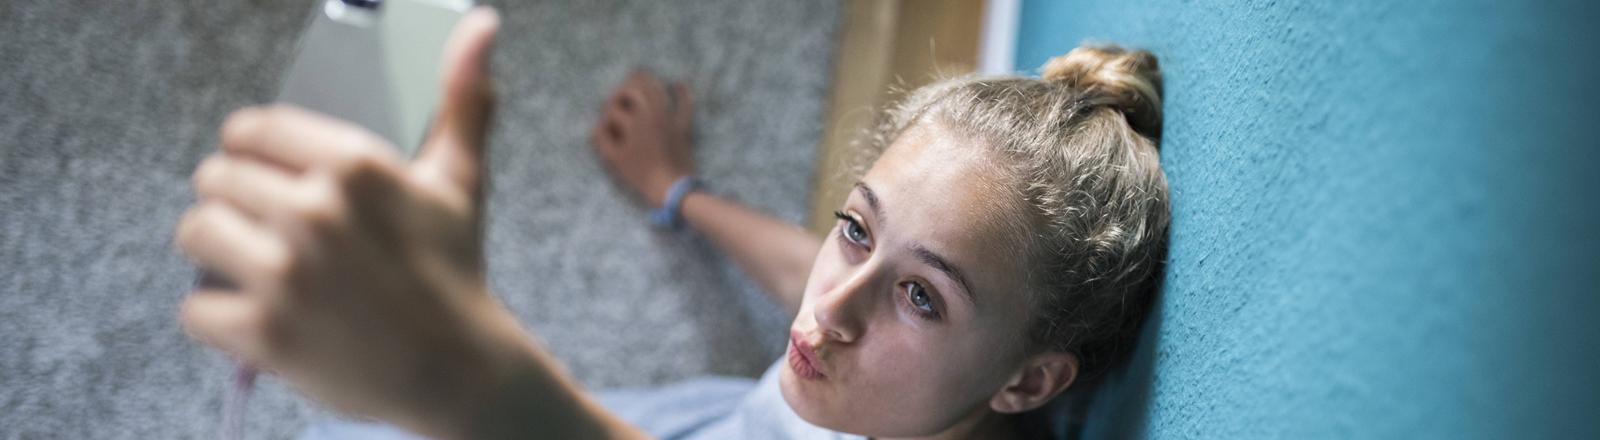 Eine junge Frau macht ein Selfie